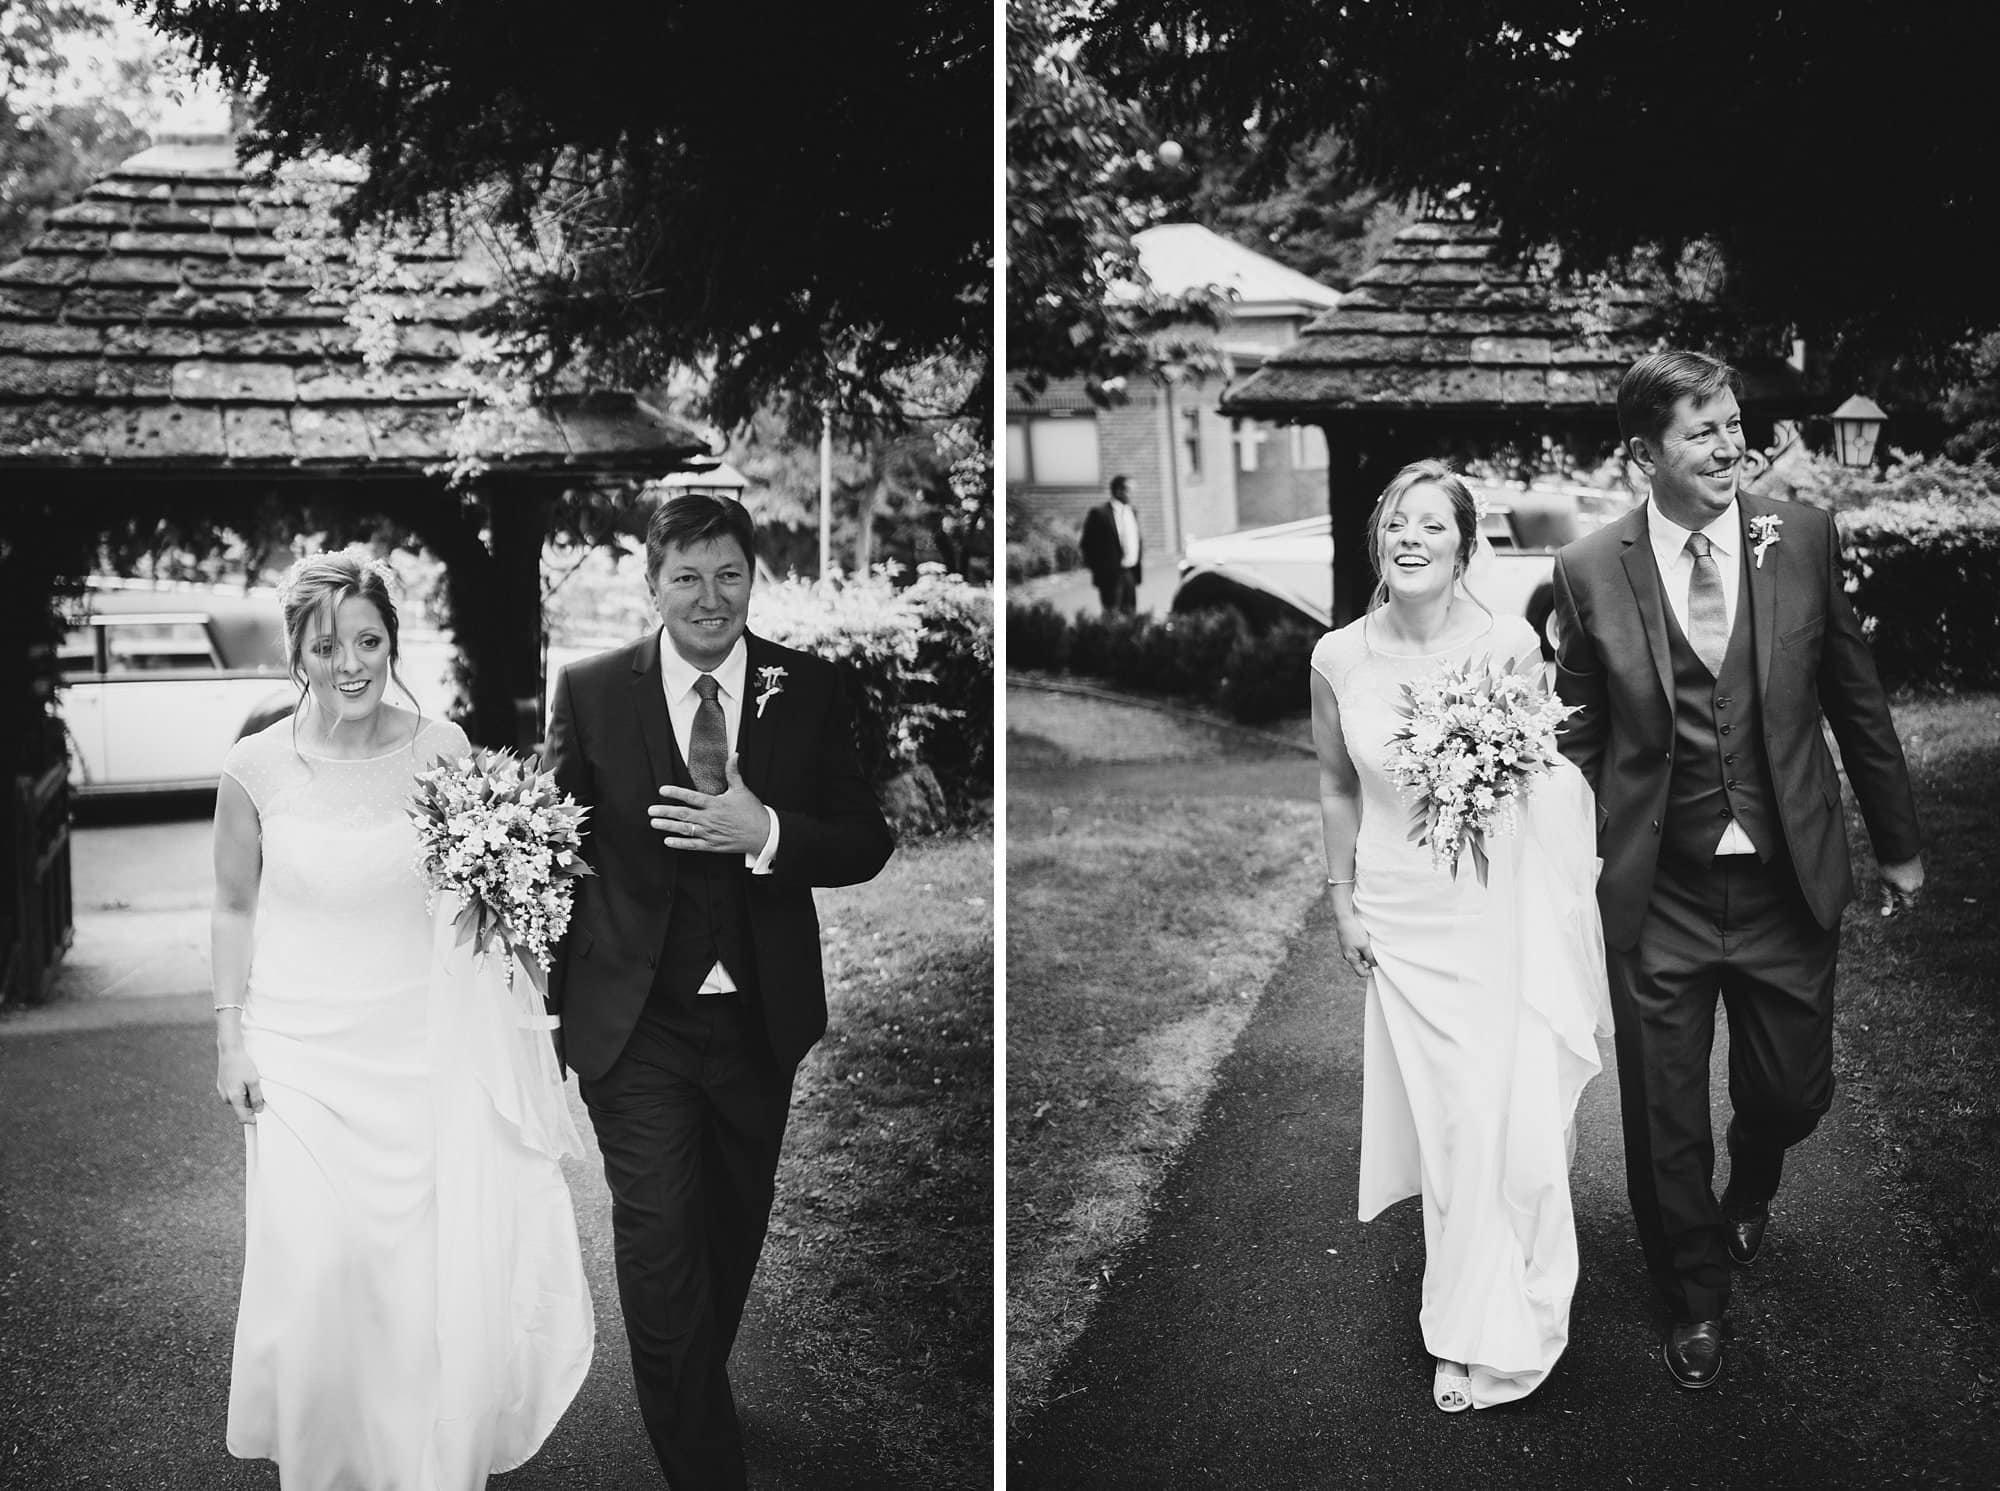 ashtead london wedding photographer 037 - Rachel & Jonny's Ashtead Wedding